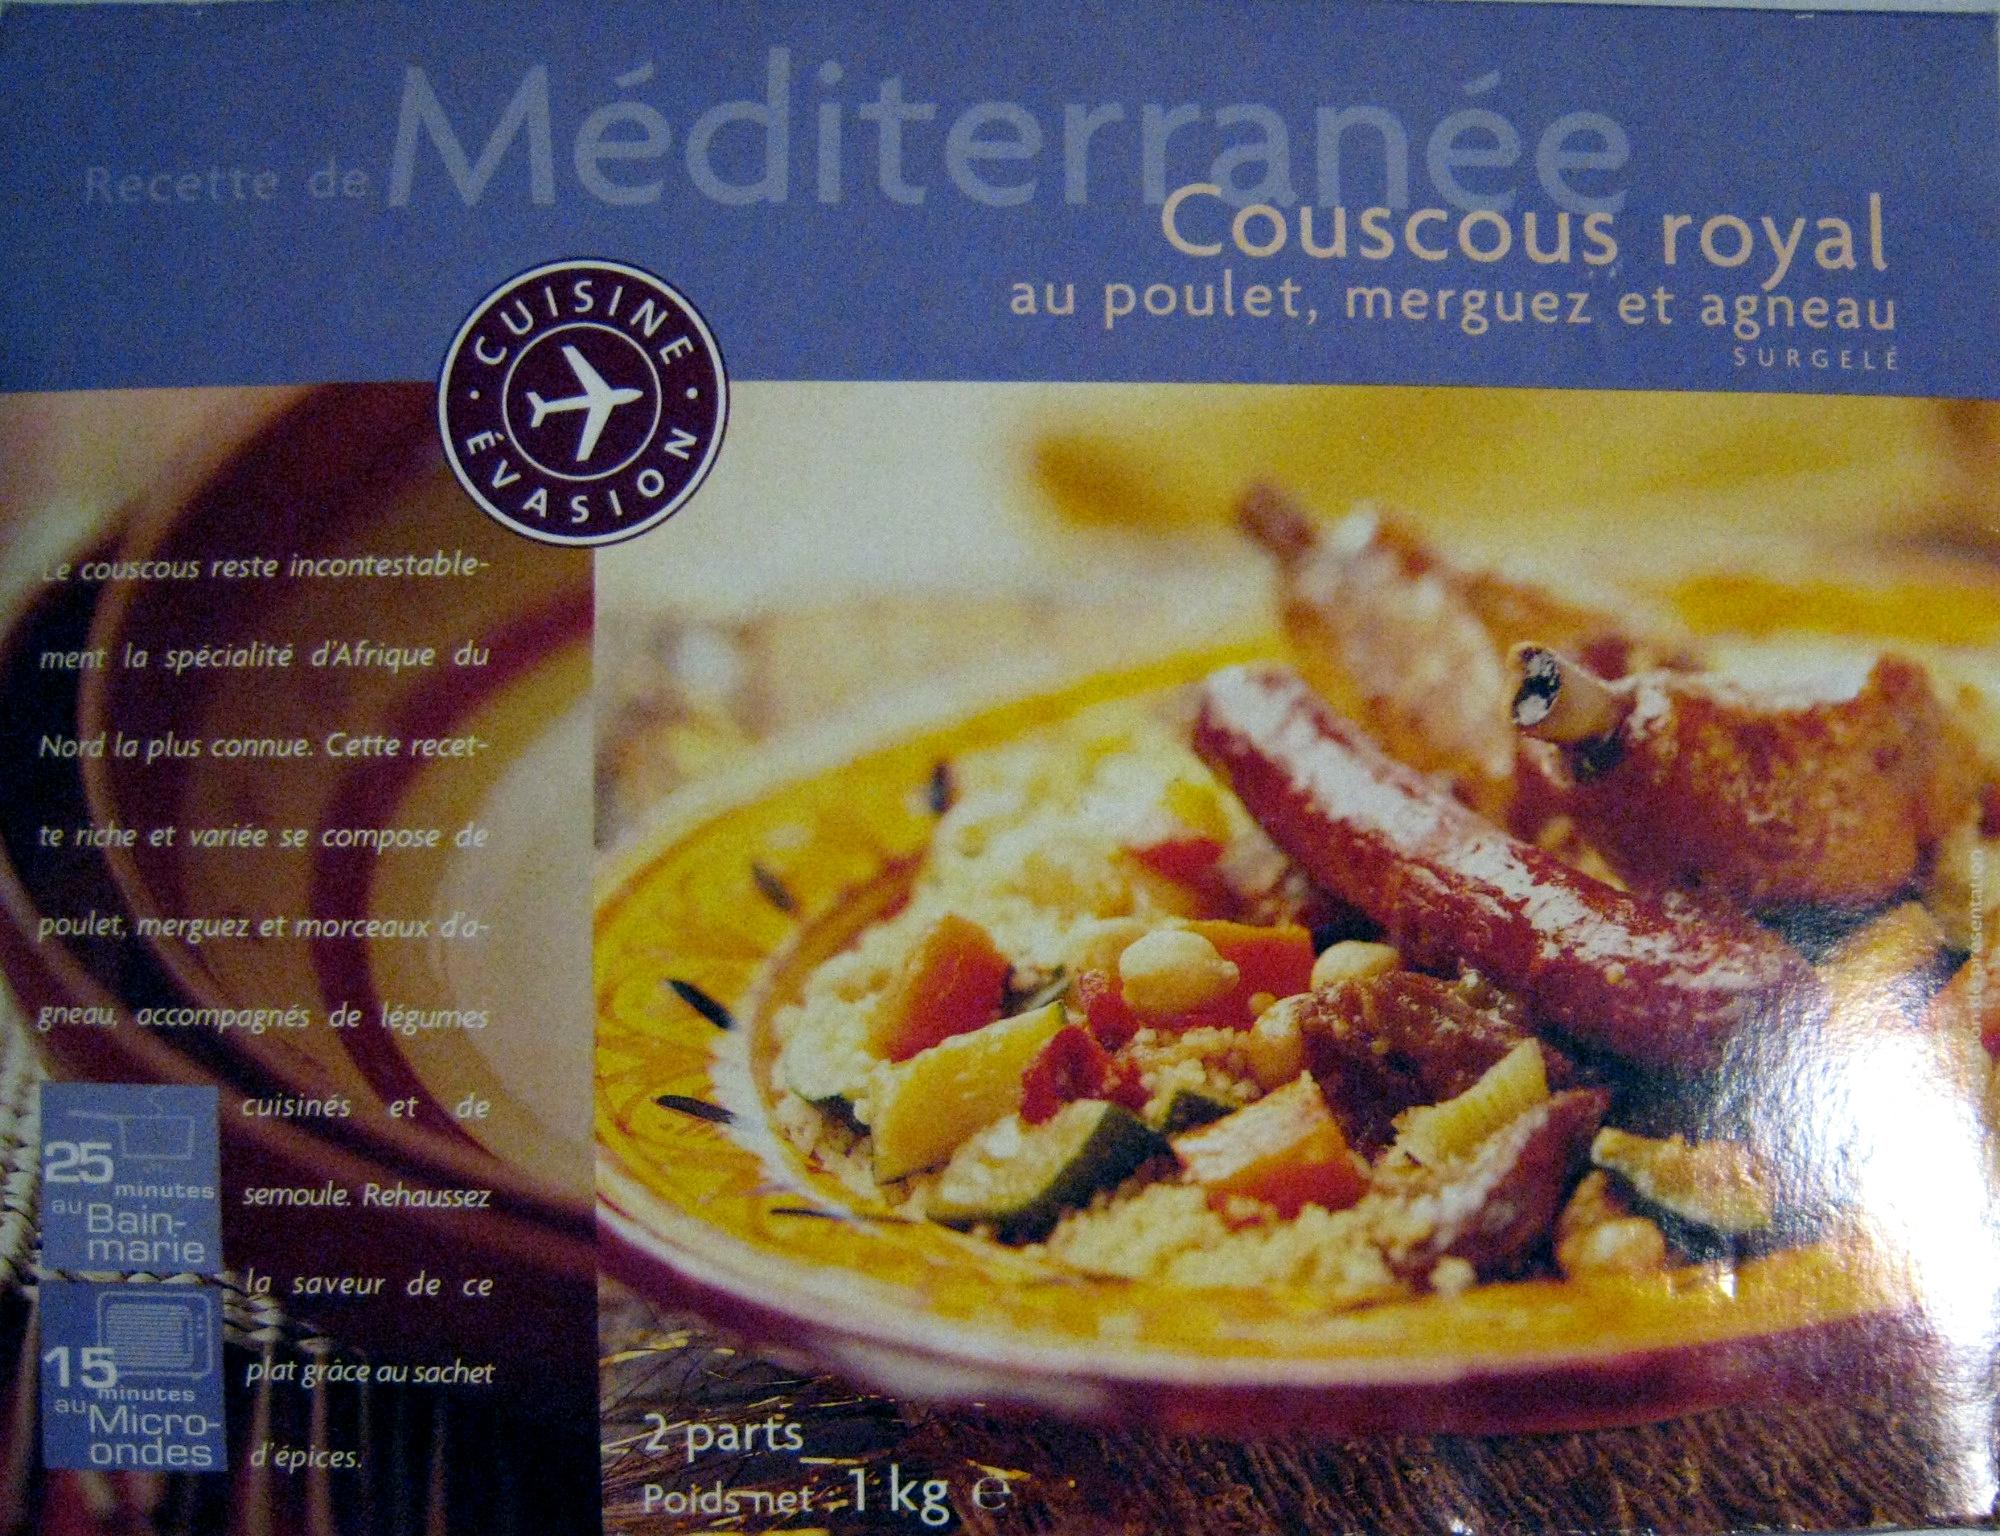 Couscous Royal au Poulet, Merguez et Agneau - Produit